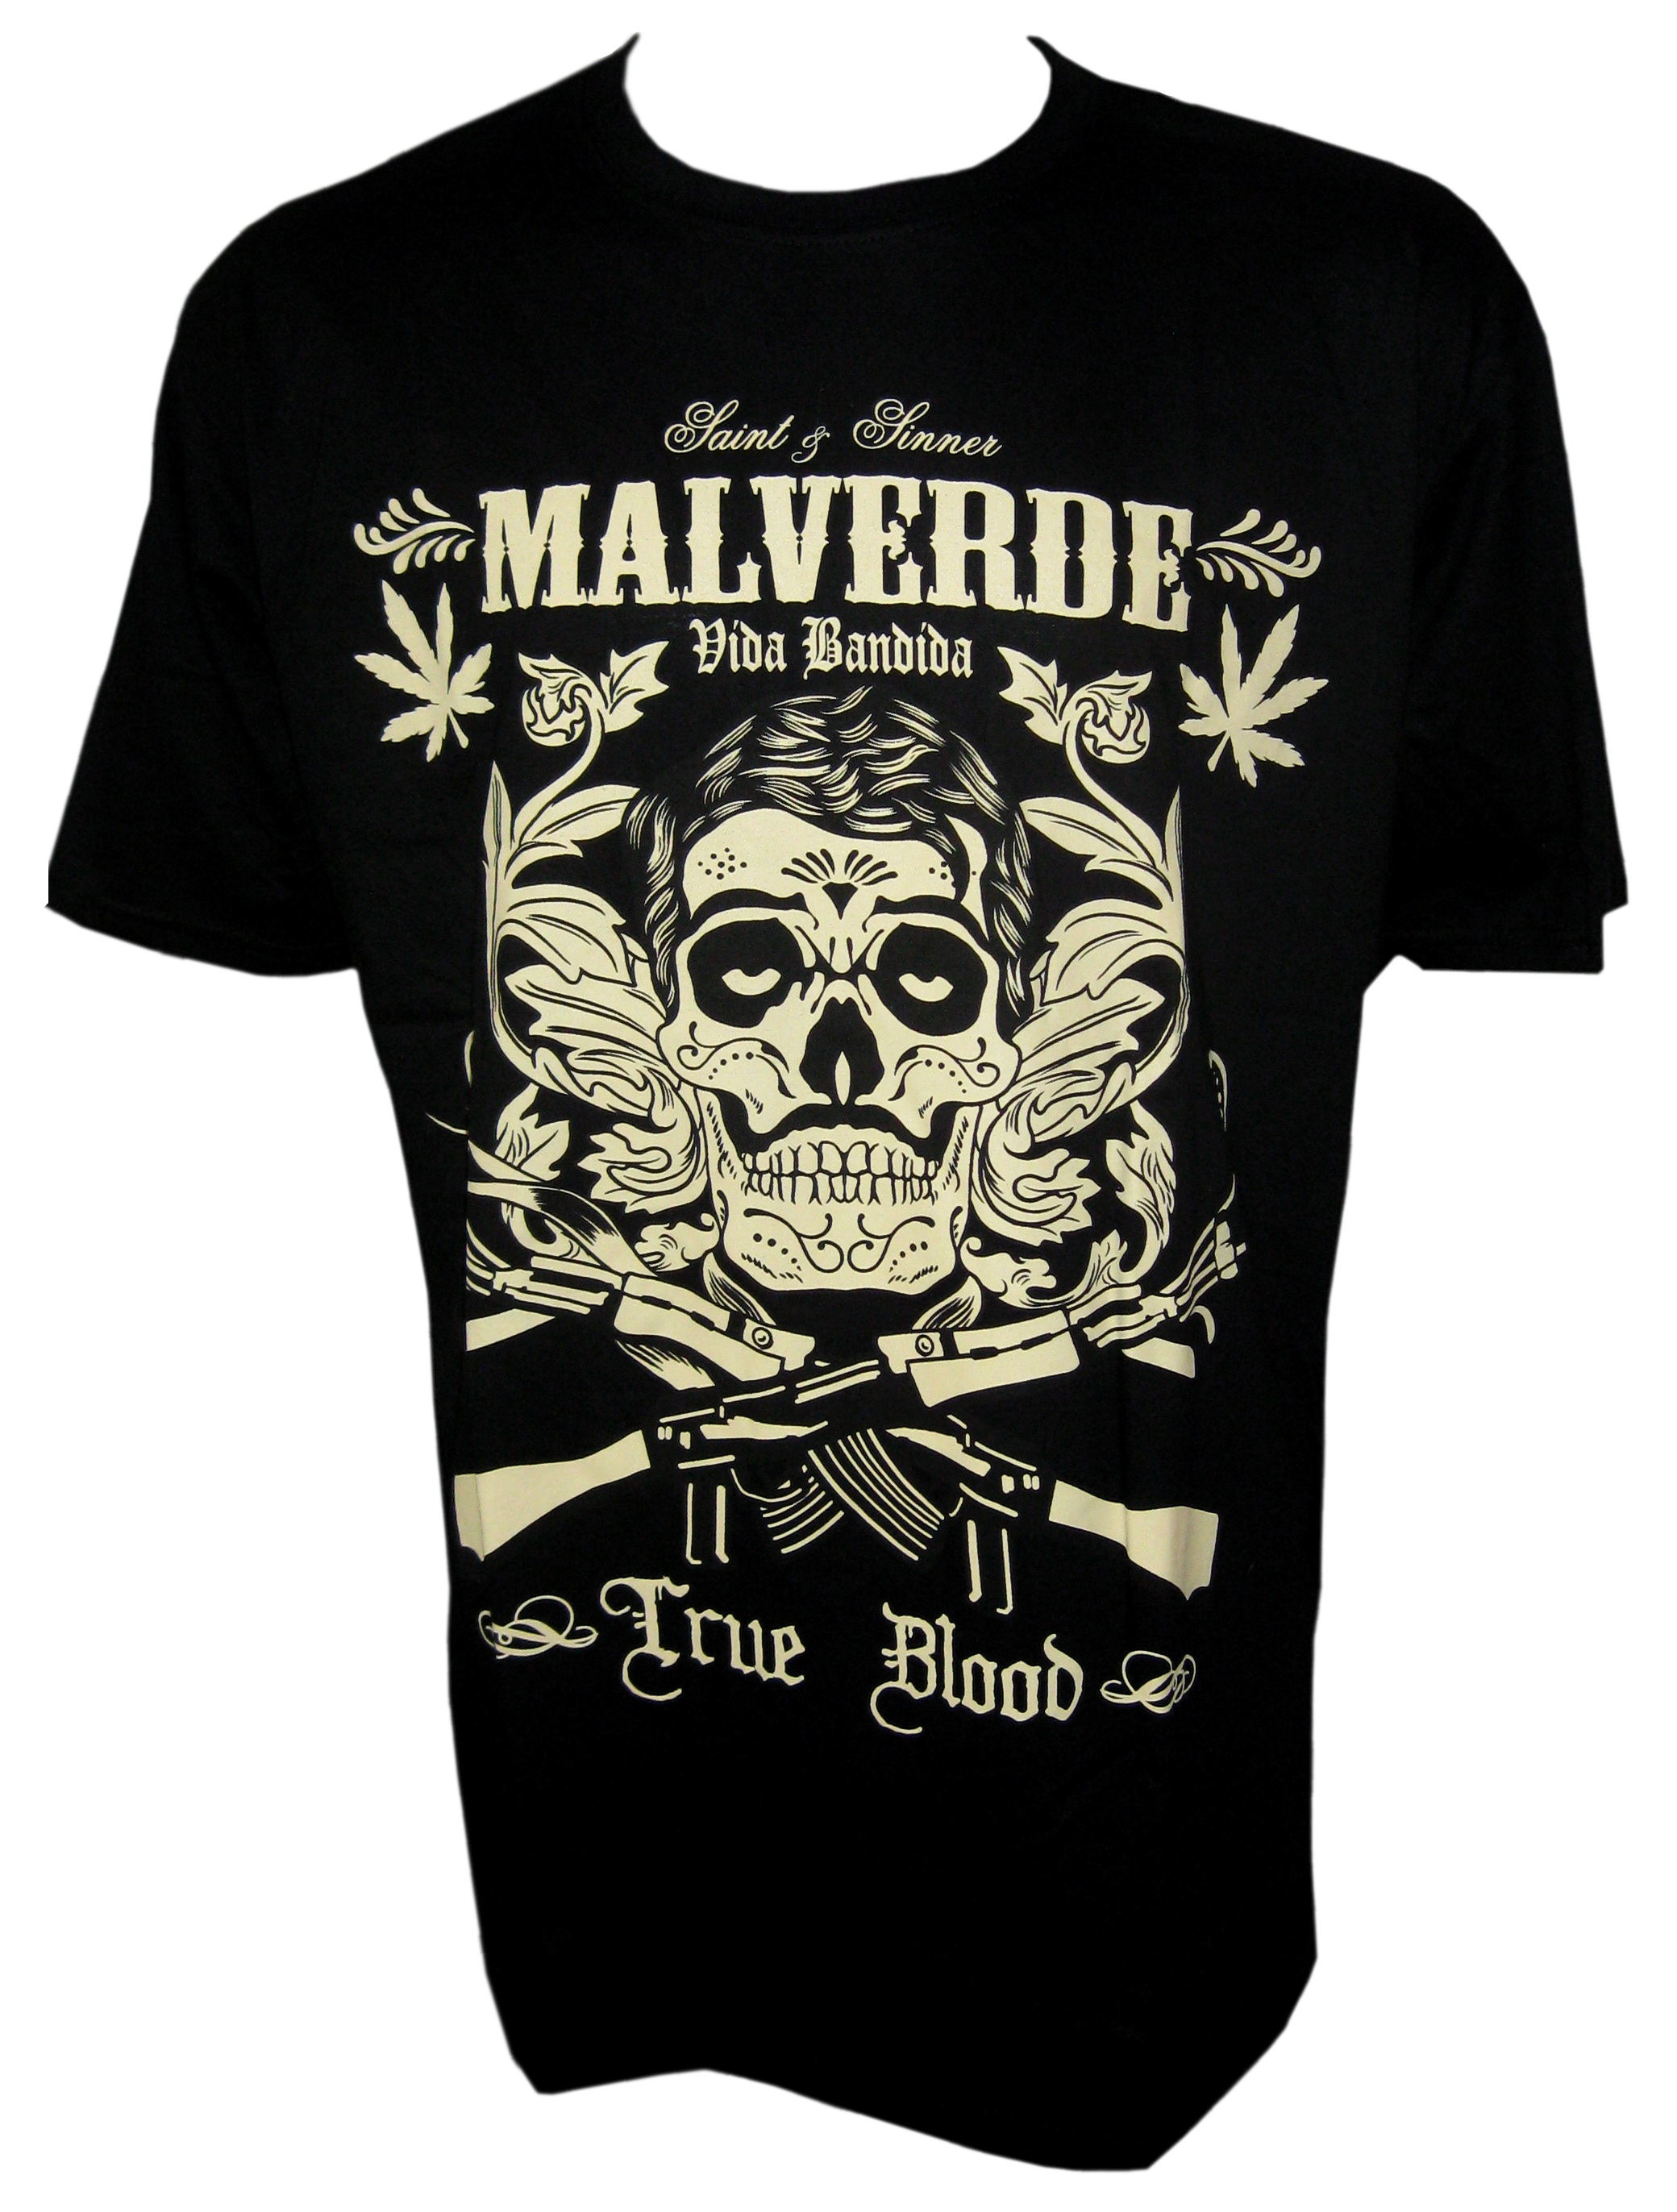 tb_motorcycles_t_shirt_malverde_ganja_ak47_racing_skull_tattoo_s_m_l_xl_xxl_t_shirts_4.jpg